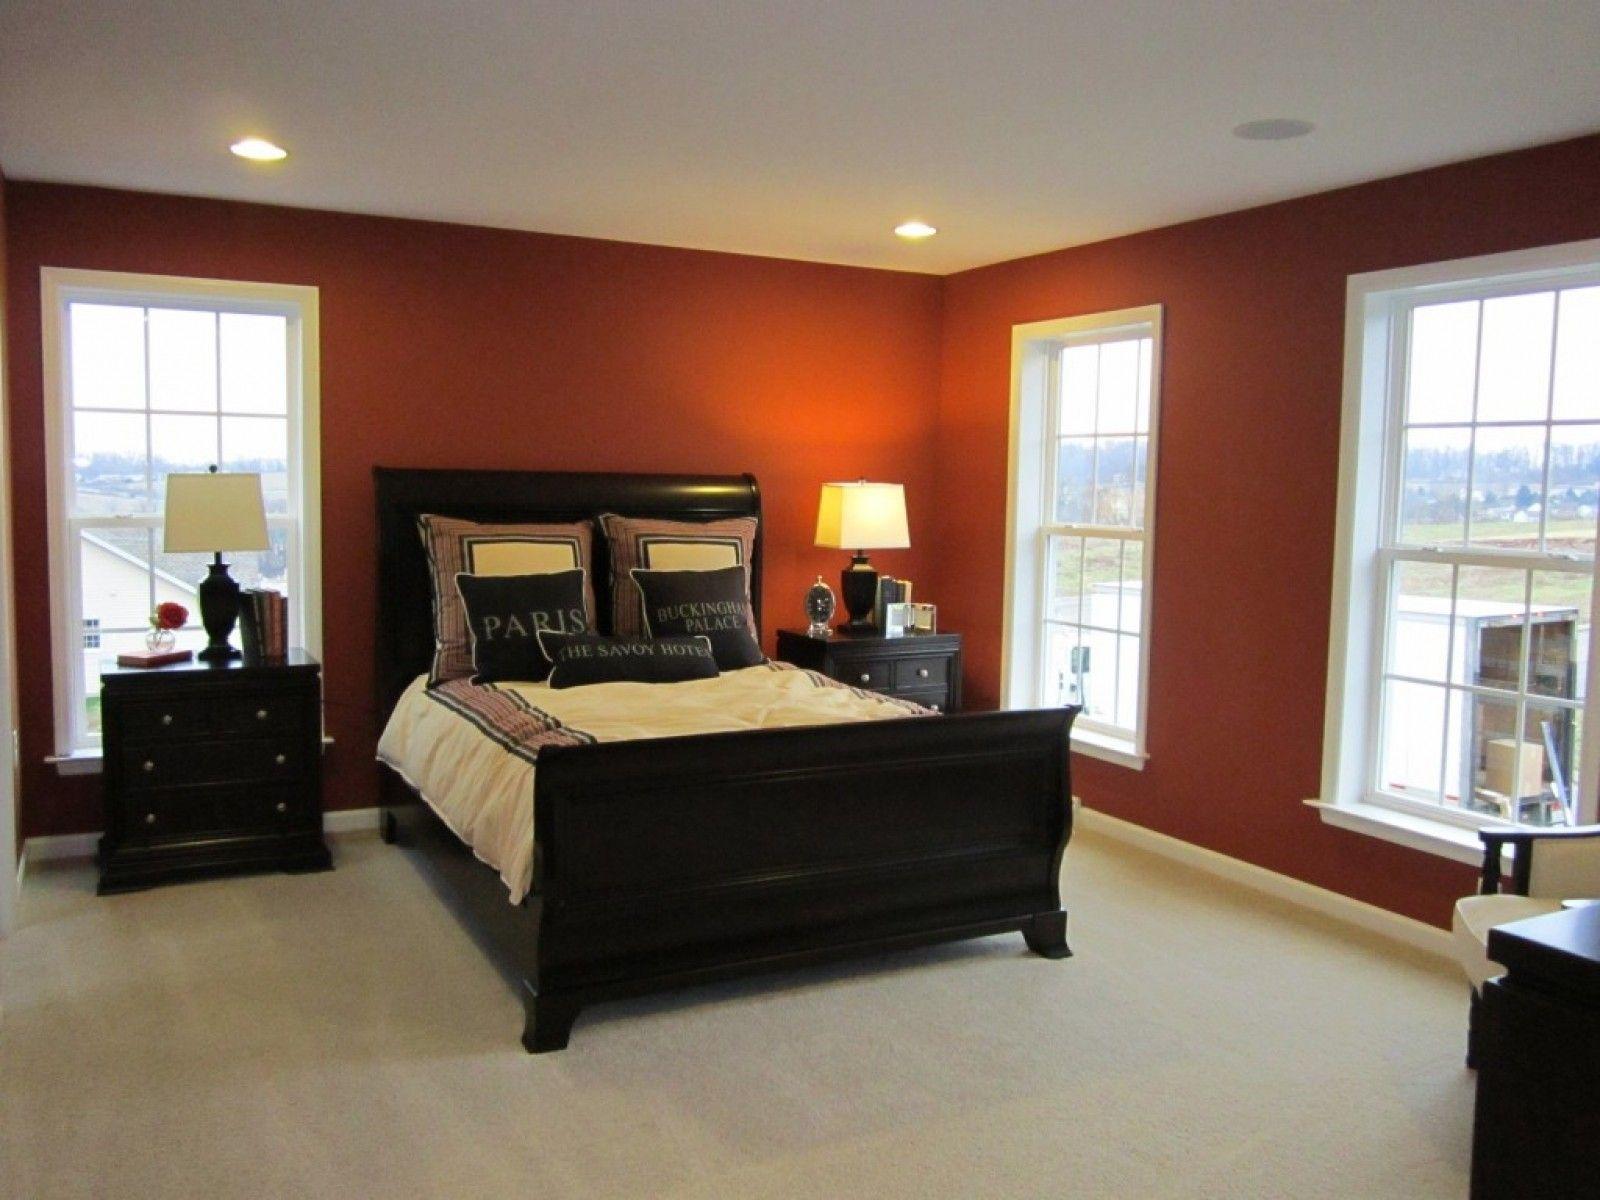 Delightful Recessed Lighting Bedroom Ideas Part - 2: Bedroom Recessed Lighting Ideas